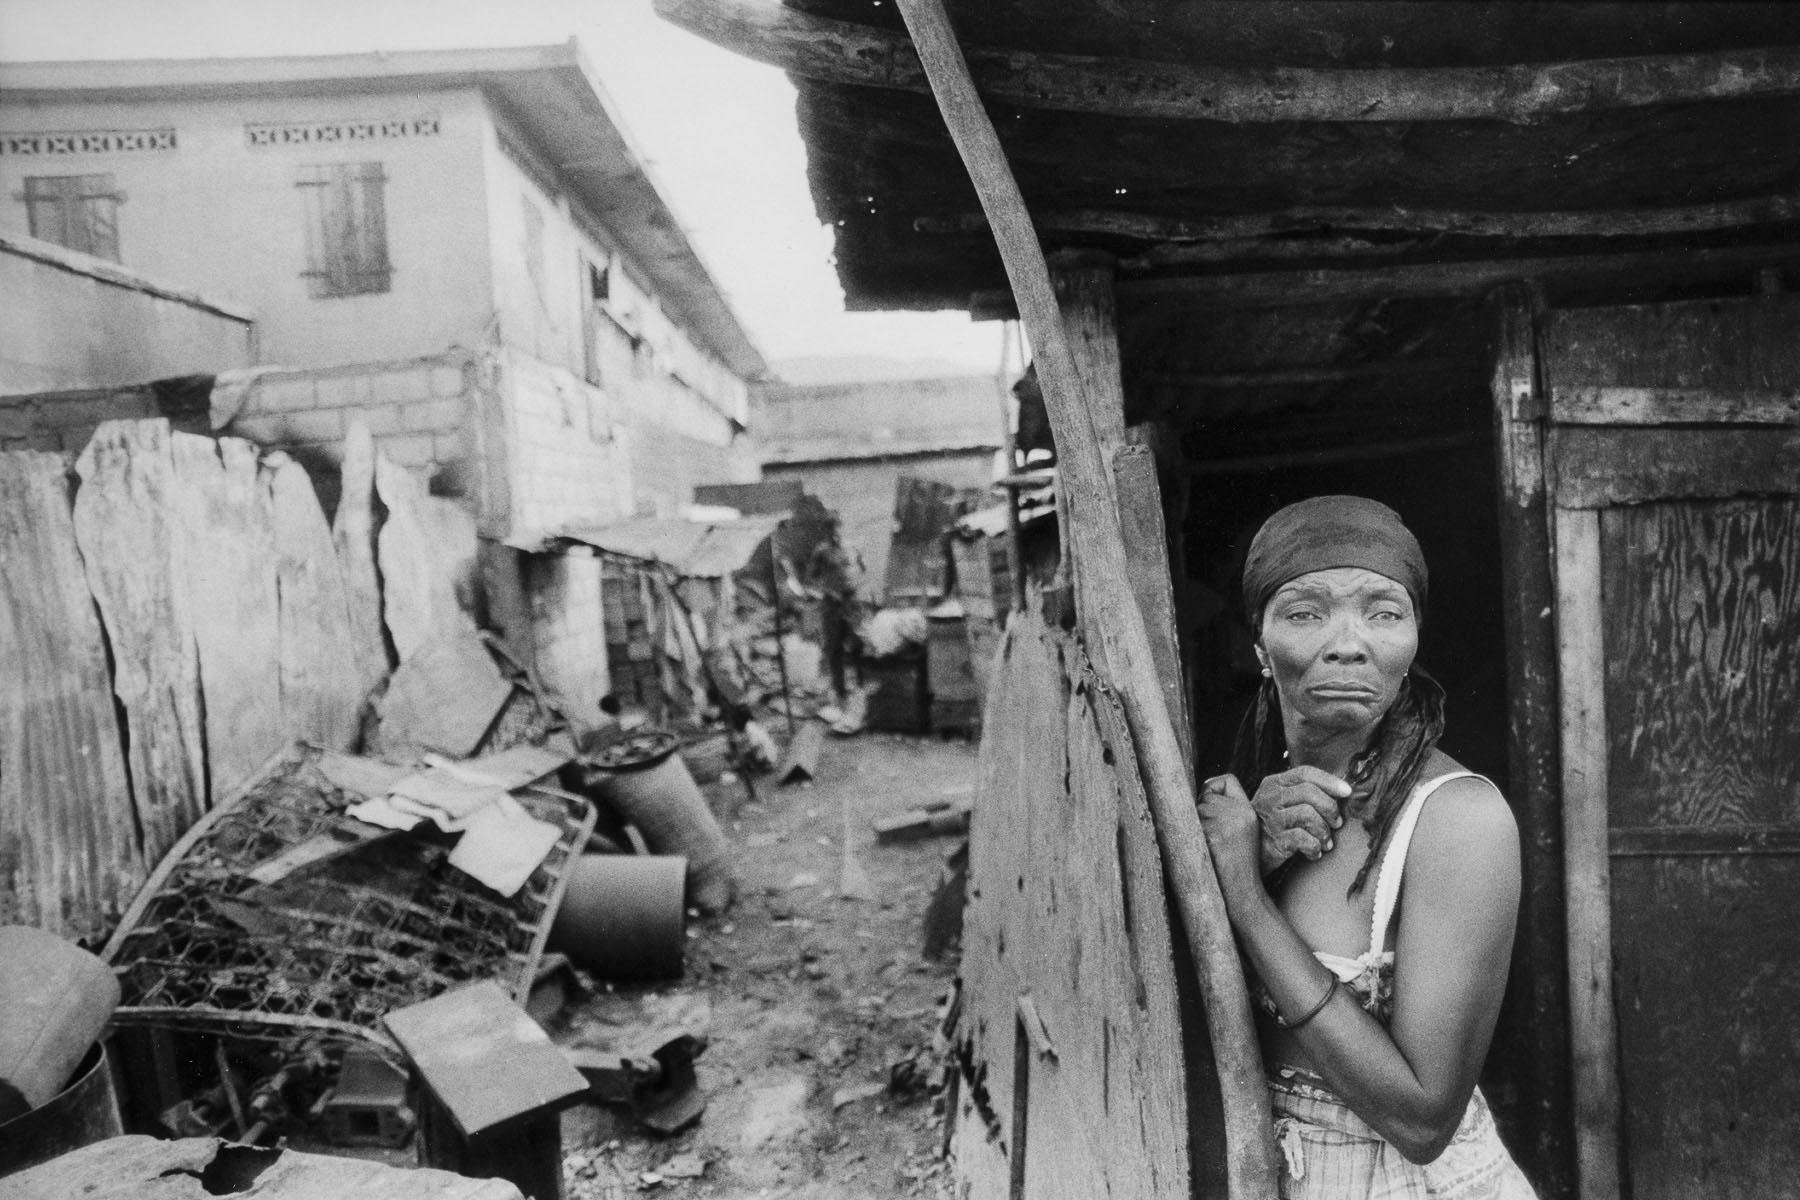 A woman in the shantytown of La Saline in August 1986